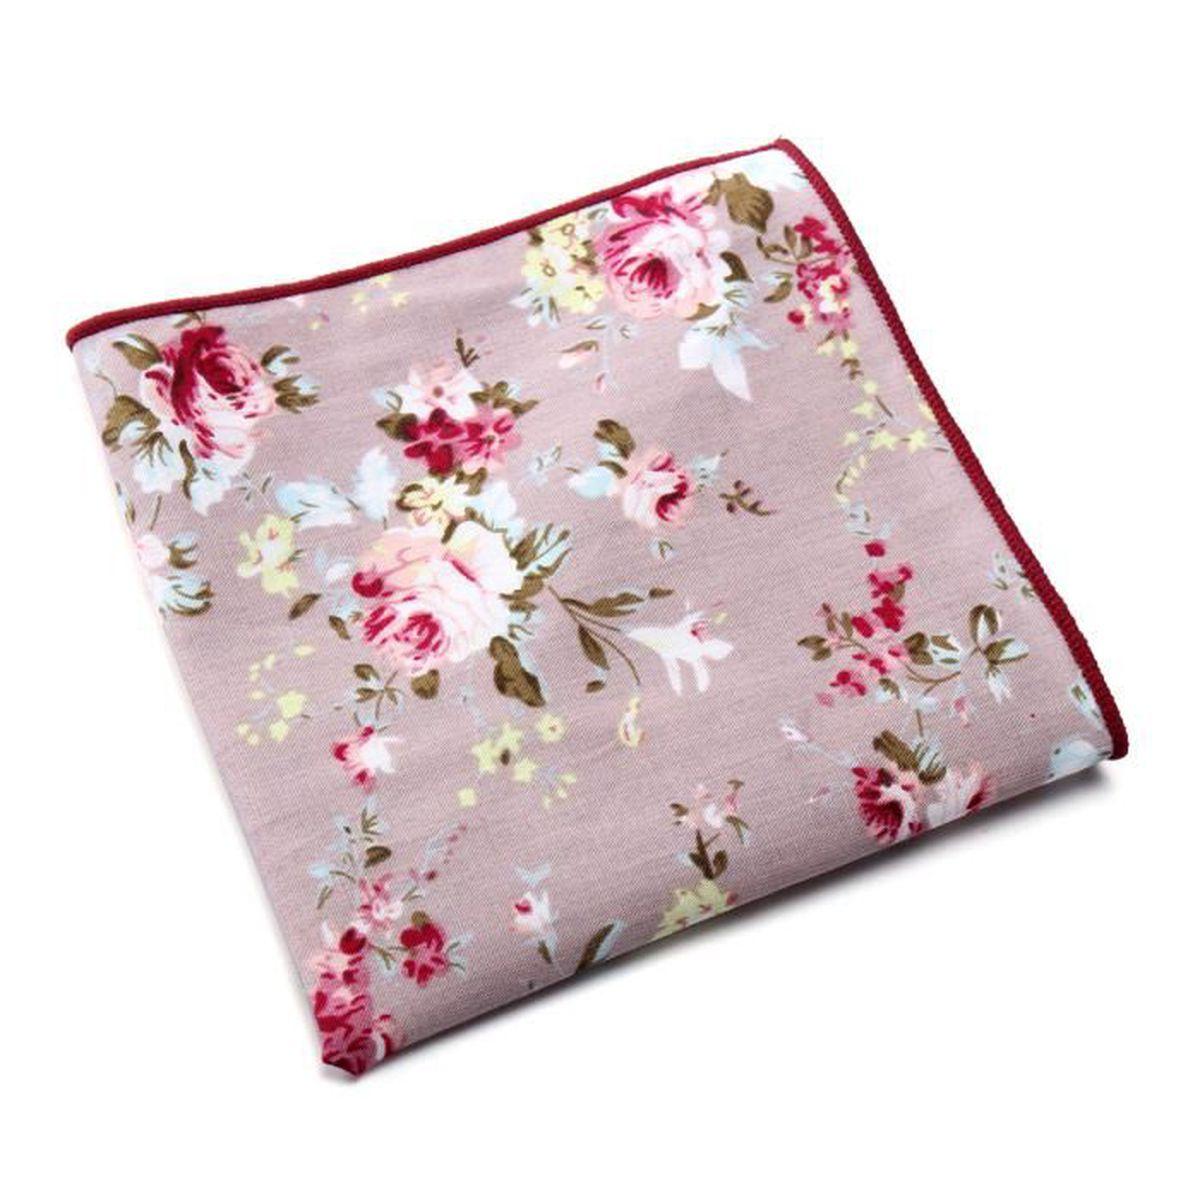 mouchoir de poche carr floral coton accessoire f te mariage costume homme mode achat vente. Black Bedroom Furniture Sets. Home Design Ideas